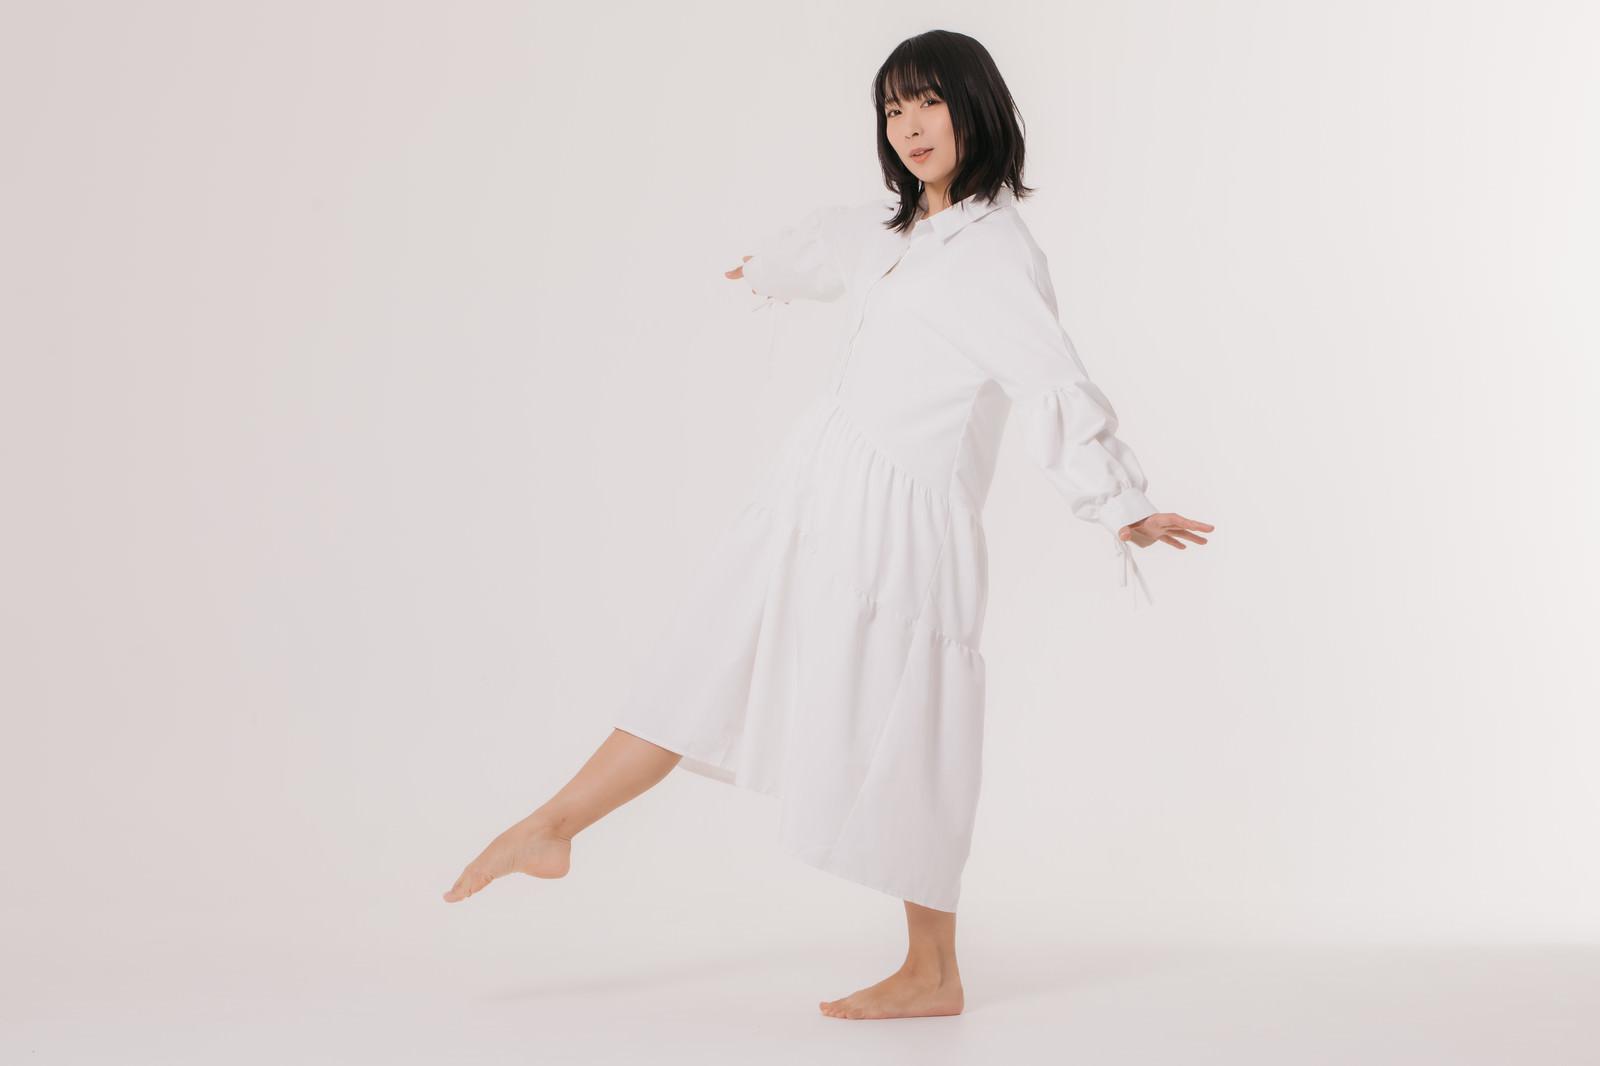 「片足でバランスをとる女性モデル」の写真[モデル:にゃるる]